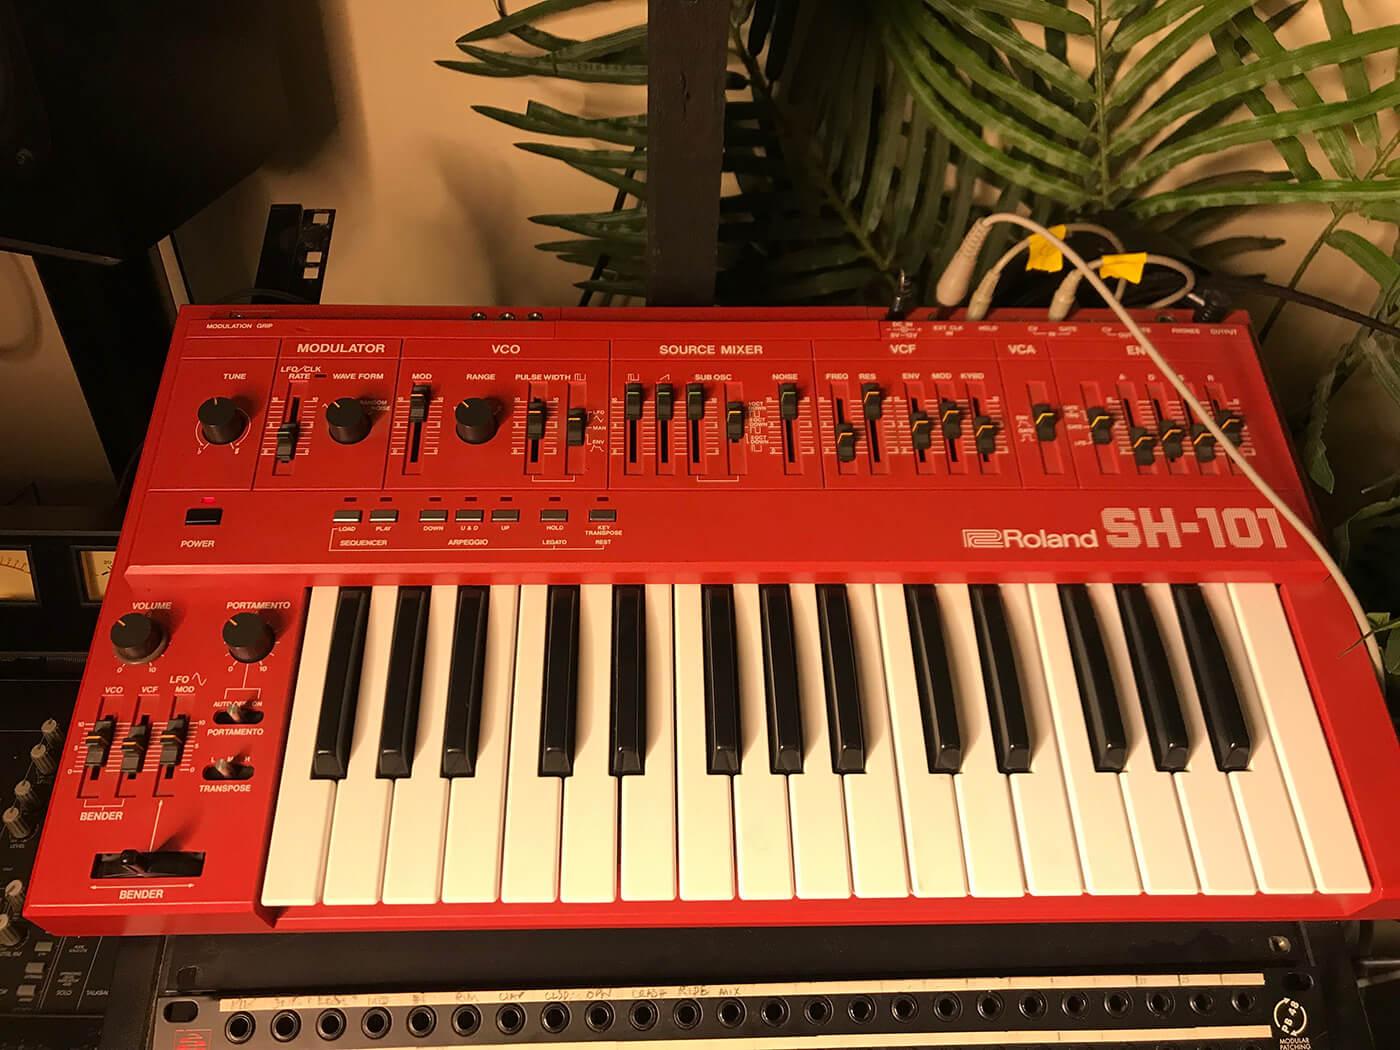 Martin Ikin's Roland SH 101